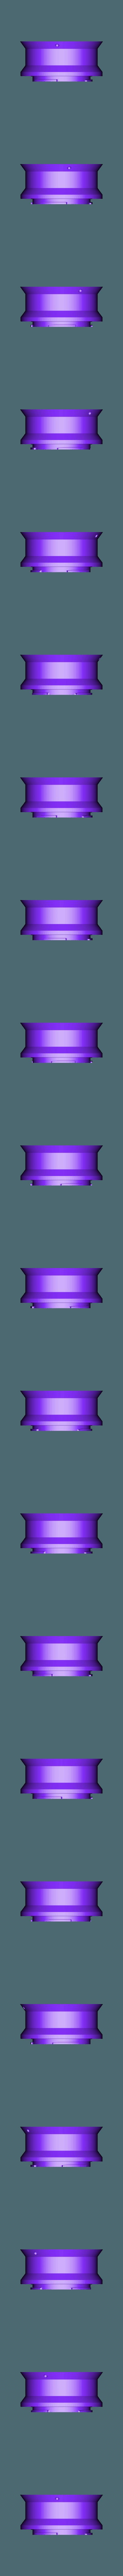 Sony-A-2-E_mnt(v1).stl Download STL file Sony A mount (Minolta AF) to E mount adapter • 3D print design, vintage-lens